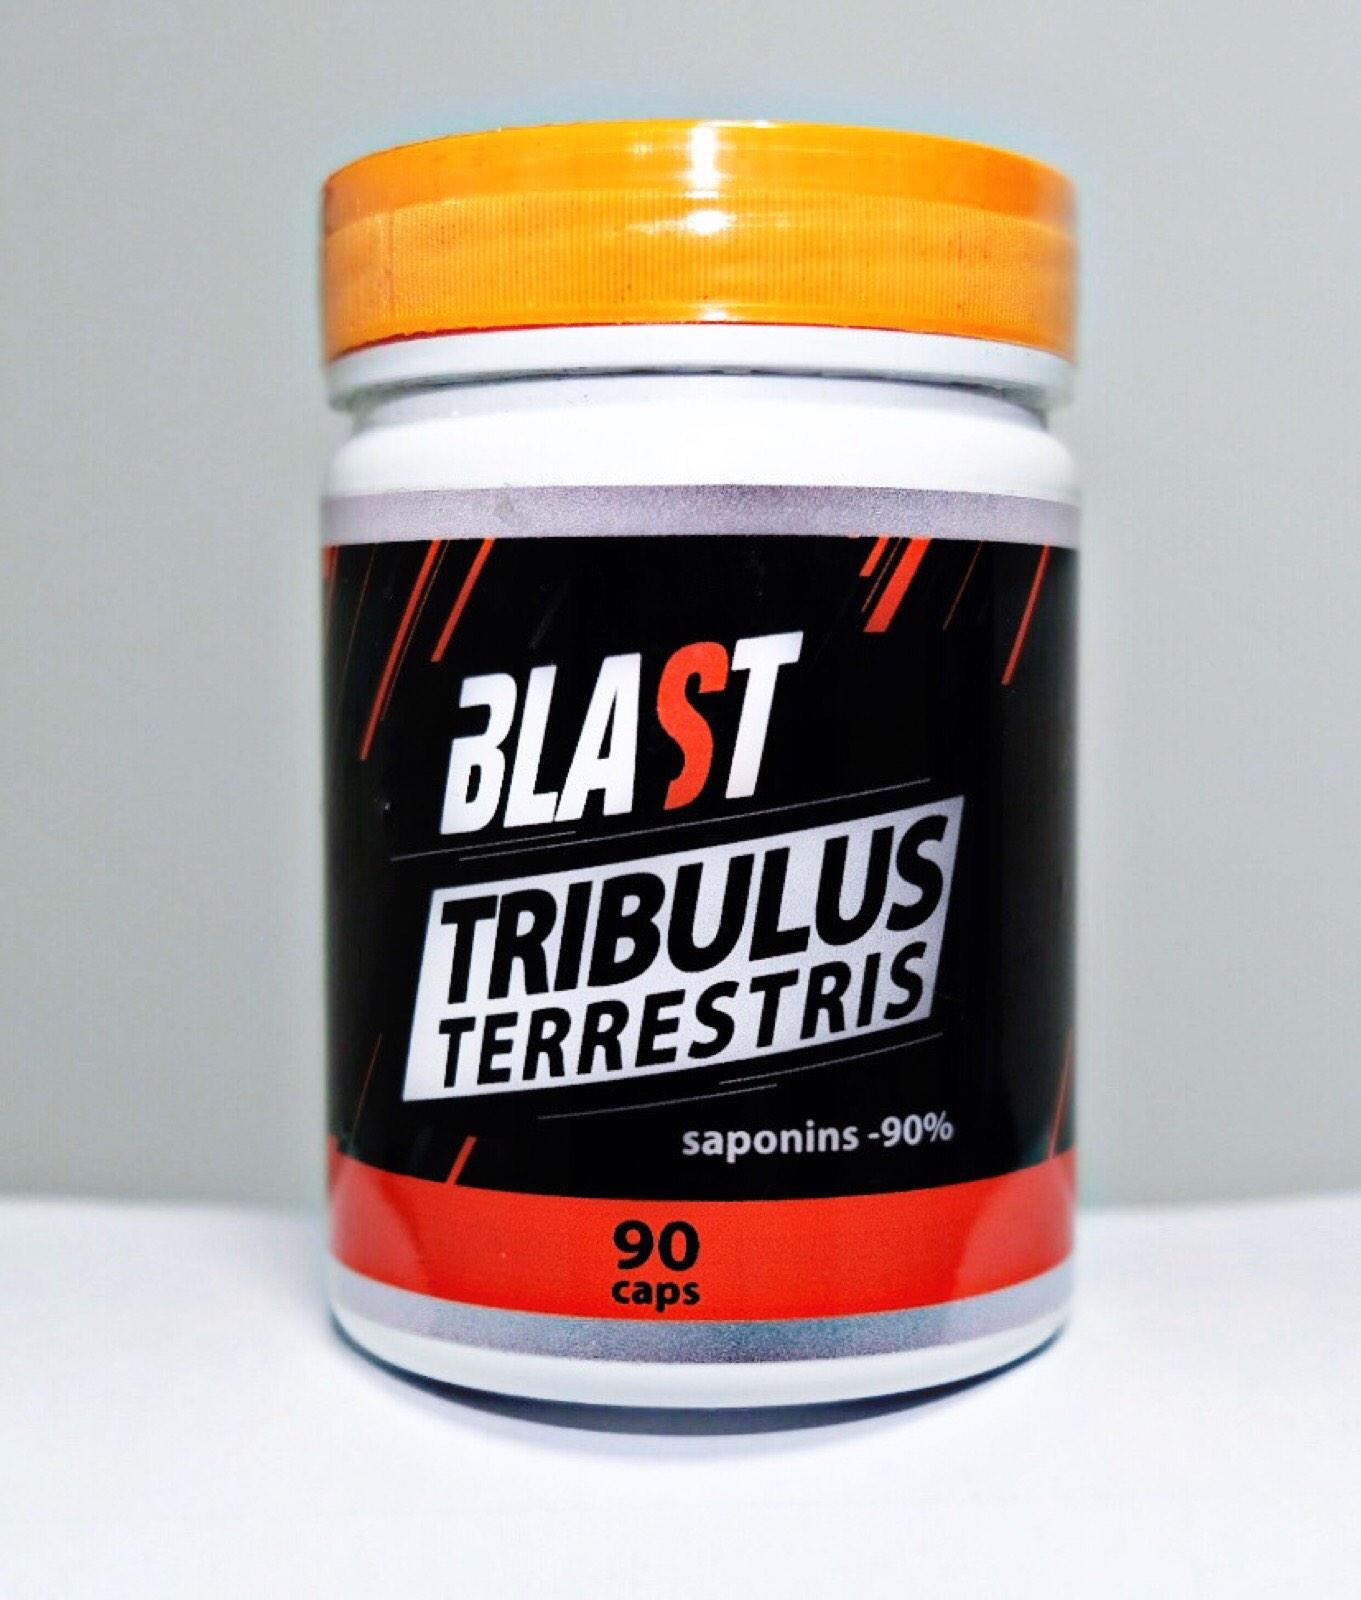 TRIBULUS TERRESTRIS 90 saponins